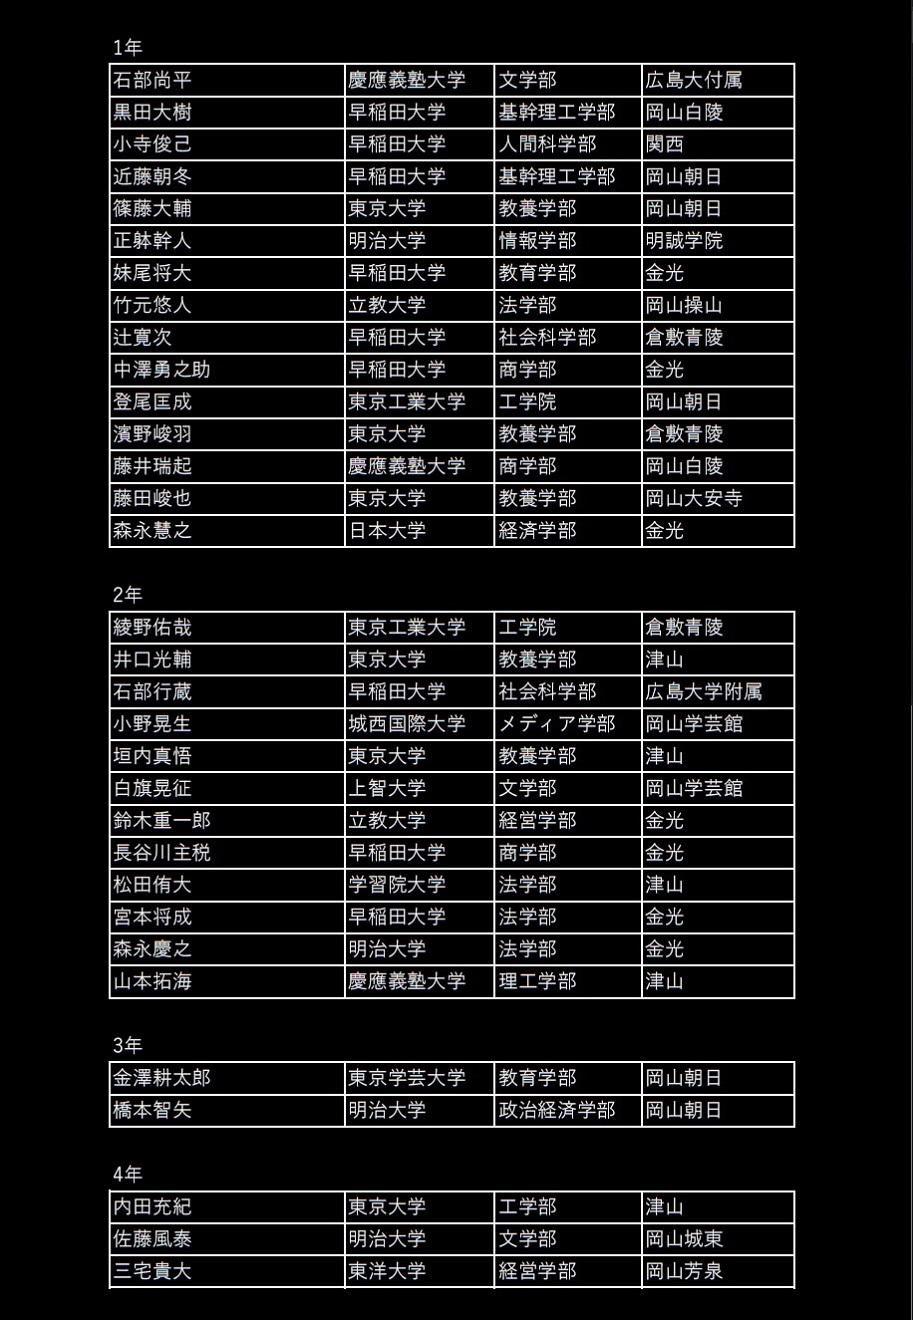 鶴山館名簿2021年4月